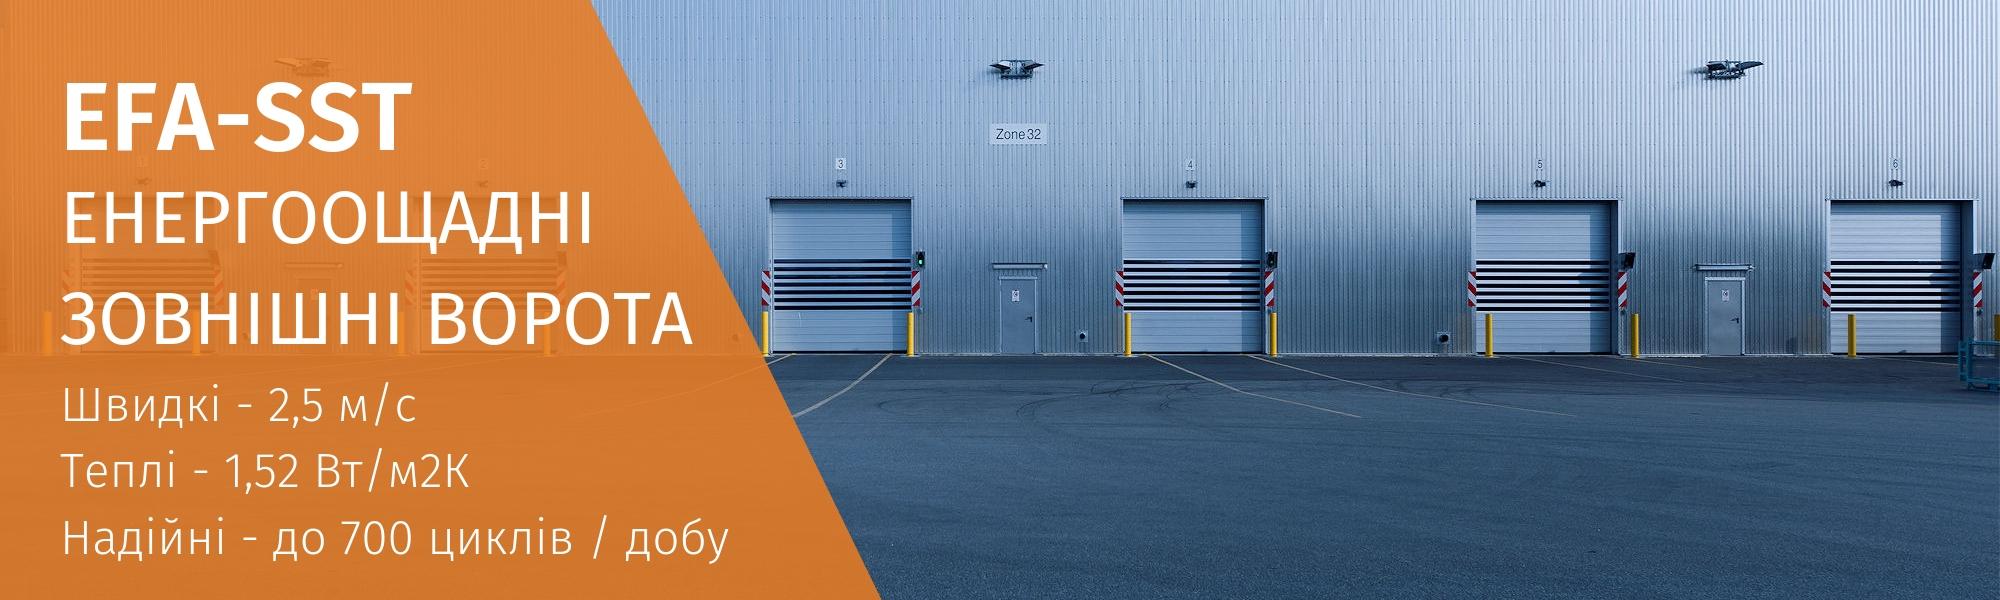 Теплоізоляційні високошвидкісні ворота EFA-SST